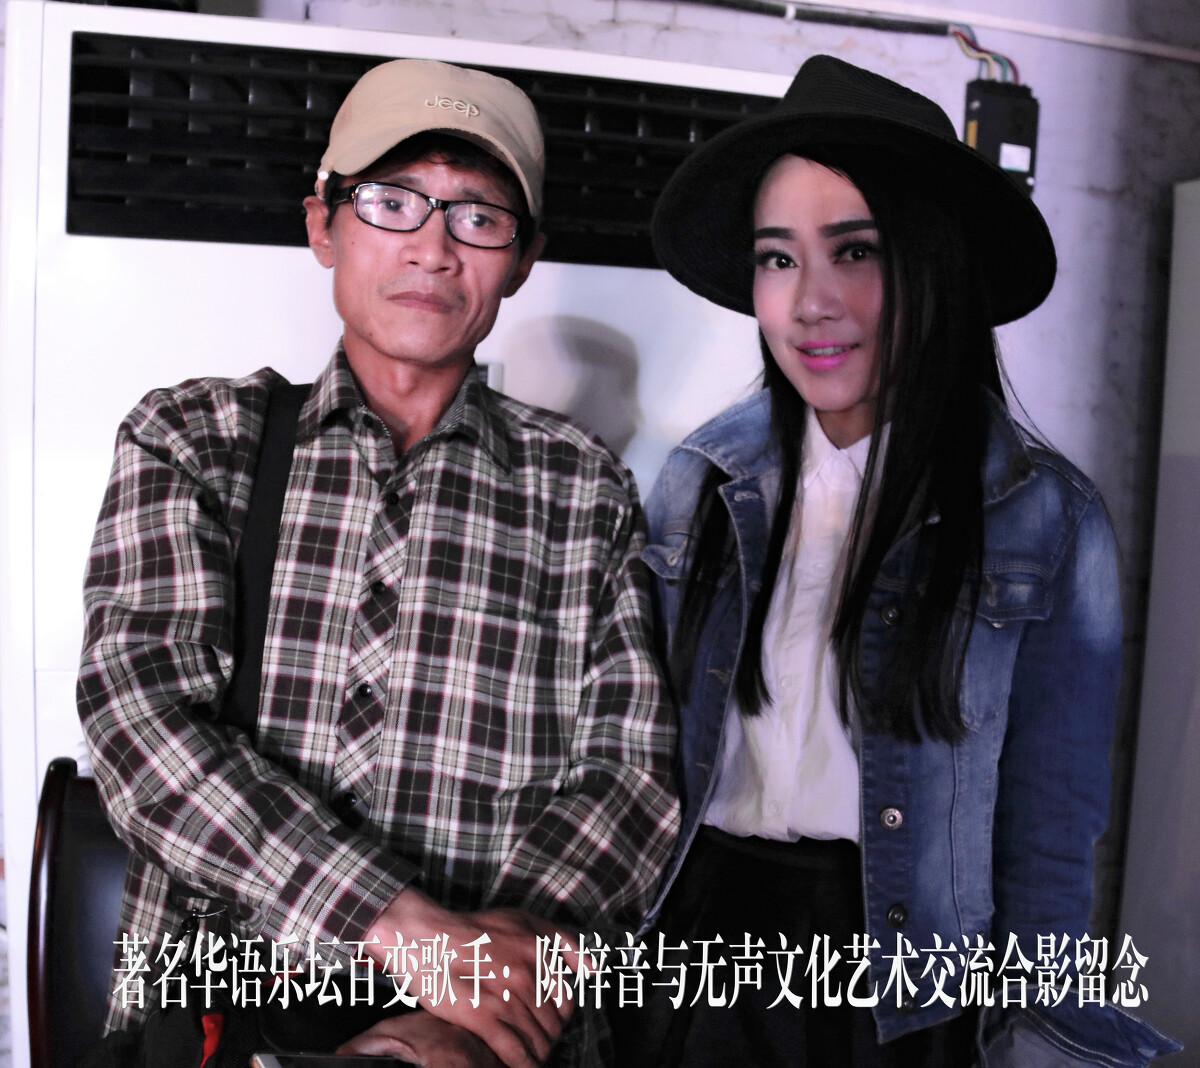 著名华语乐坛百变歌手:陈梓音与互联网传媒执行董事合影留念